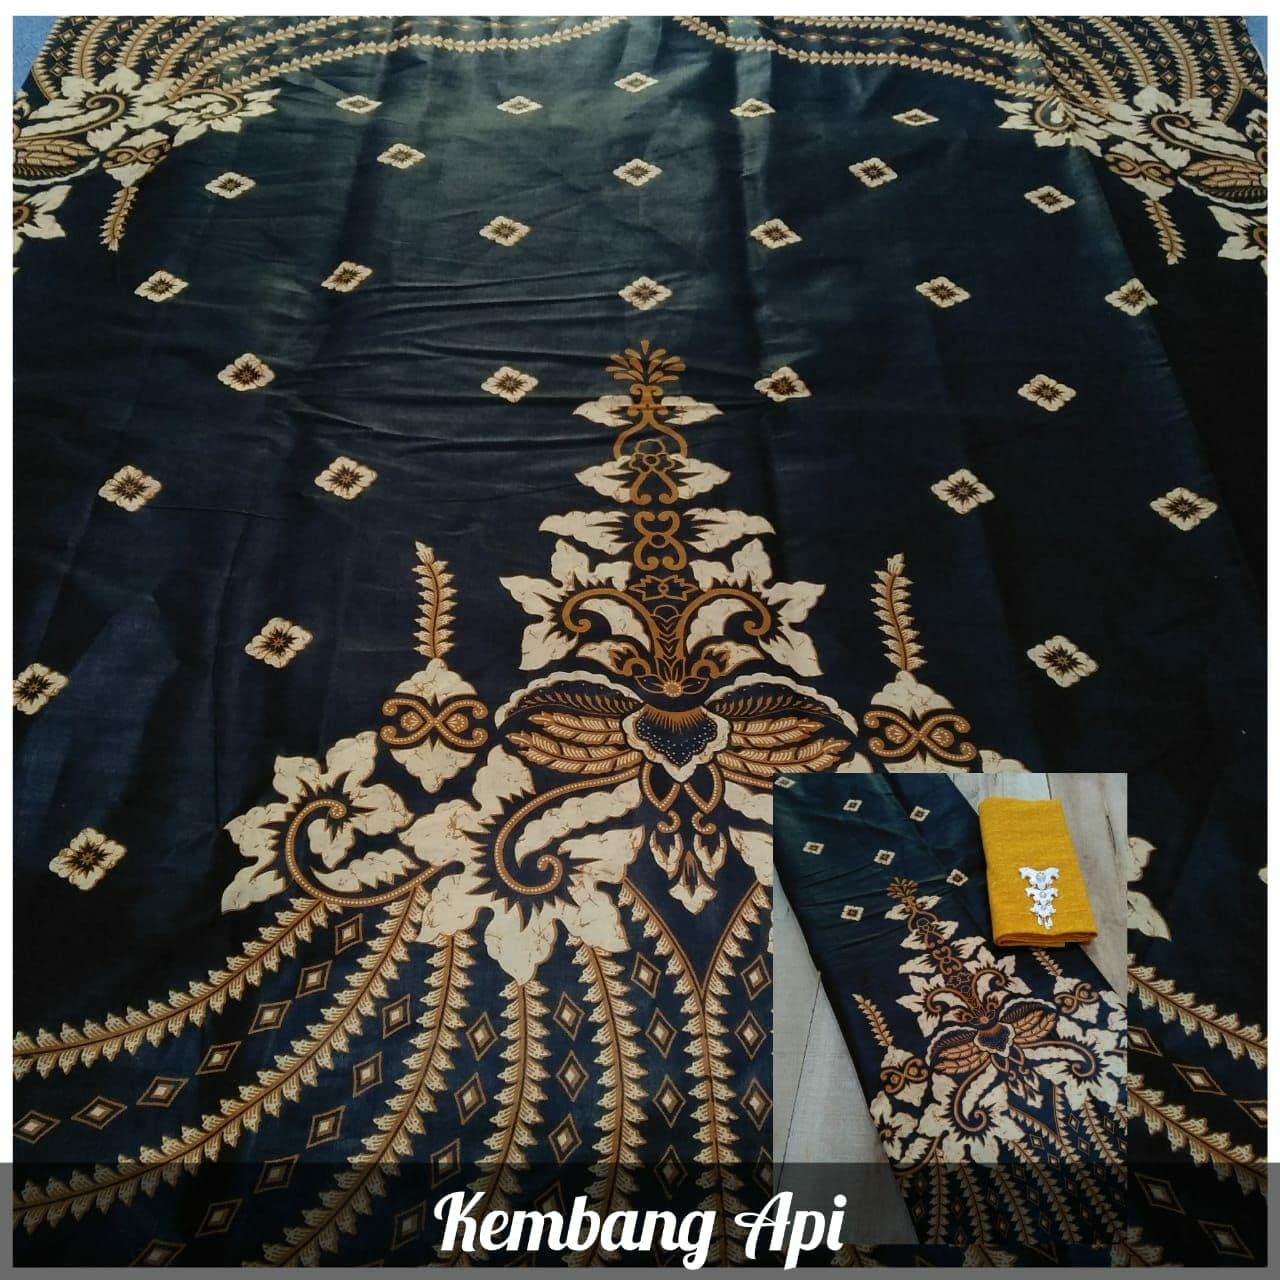 BELI Kain Batik printing HMT kembang api Katun Prima Satuan tnpa Embos d9b7ab39c0